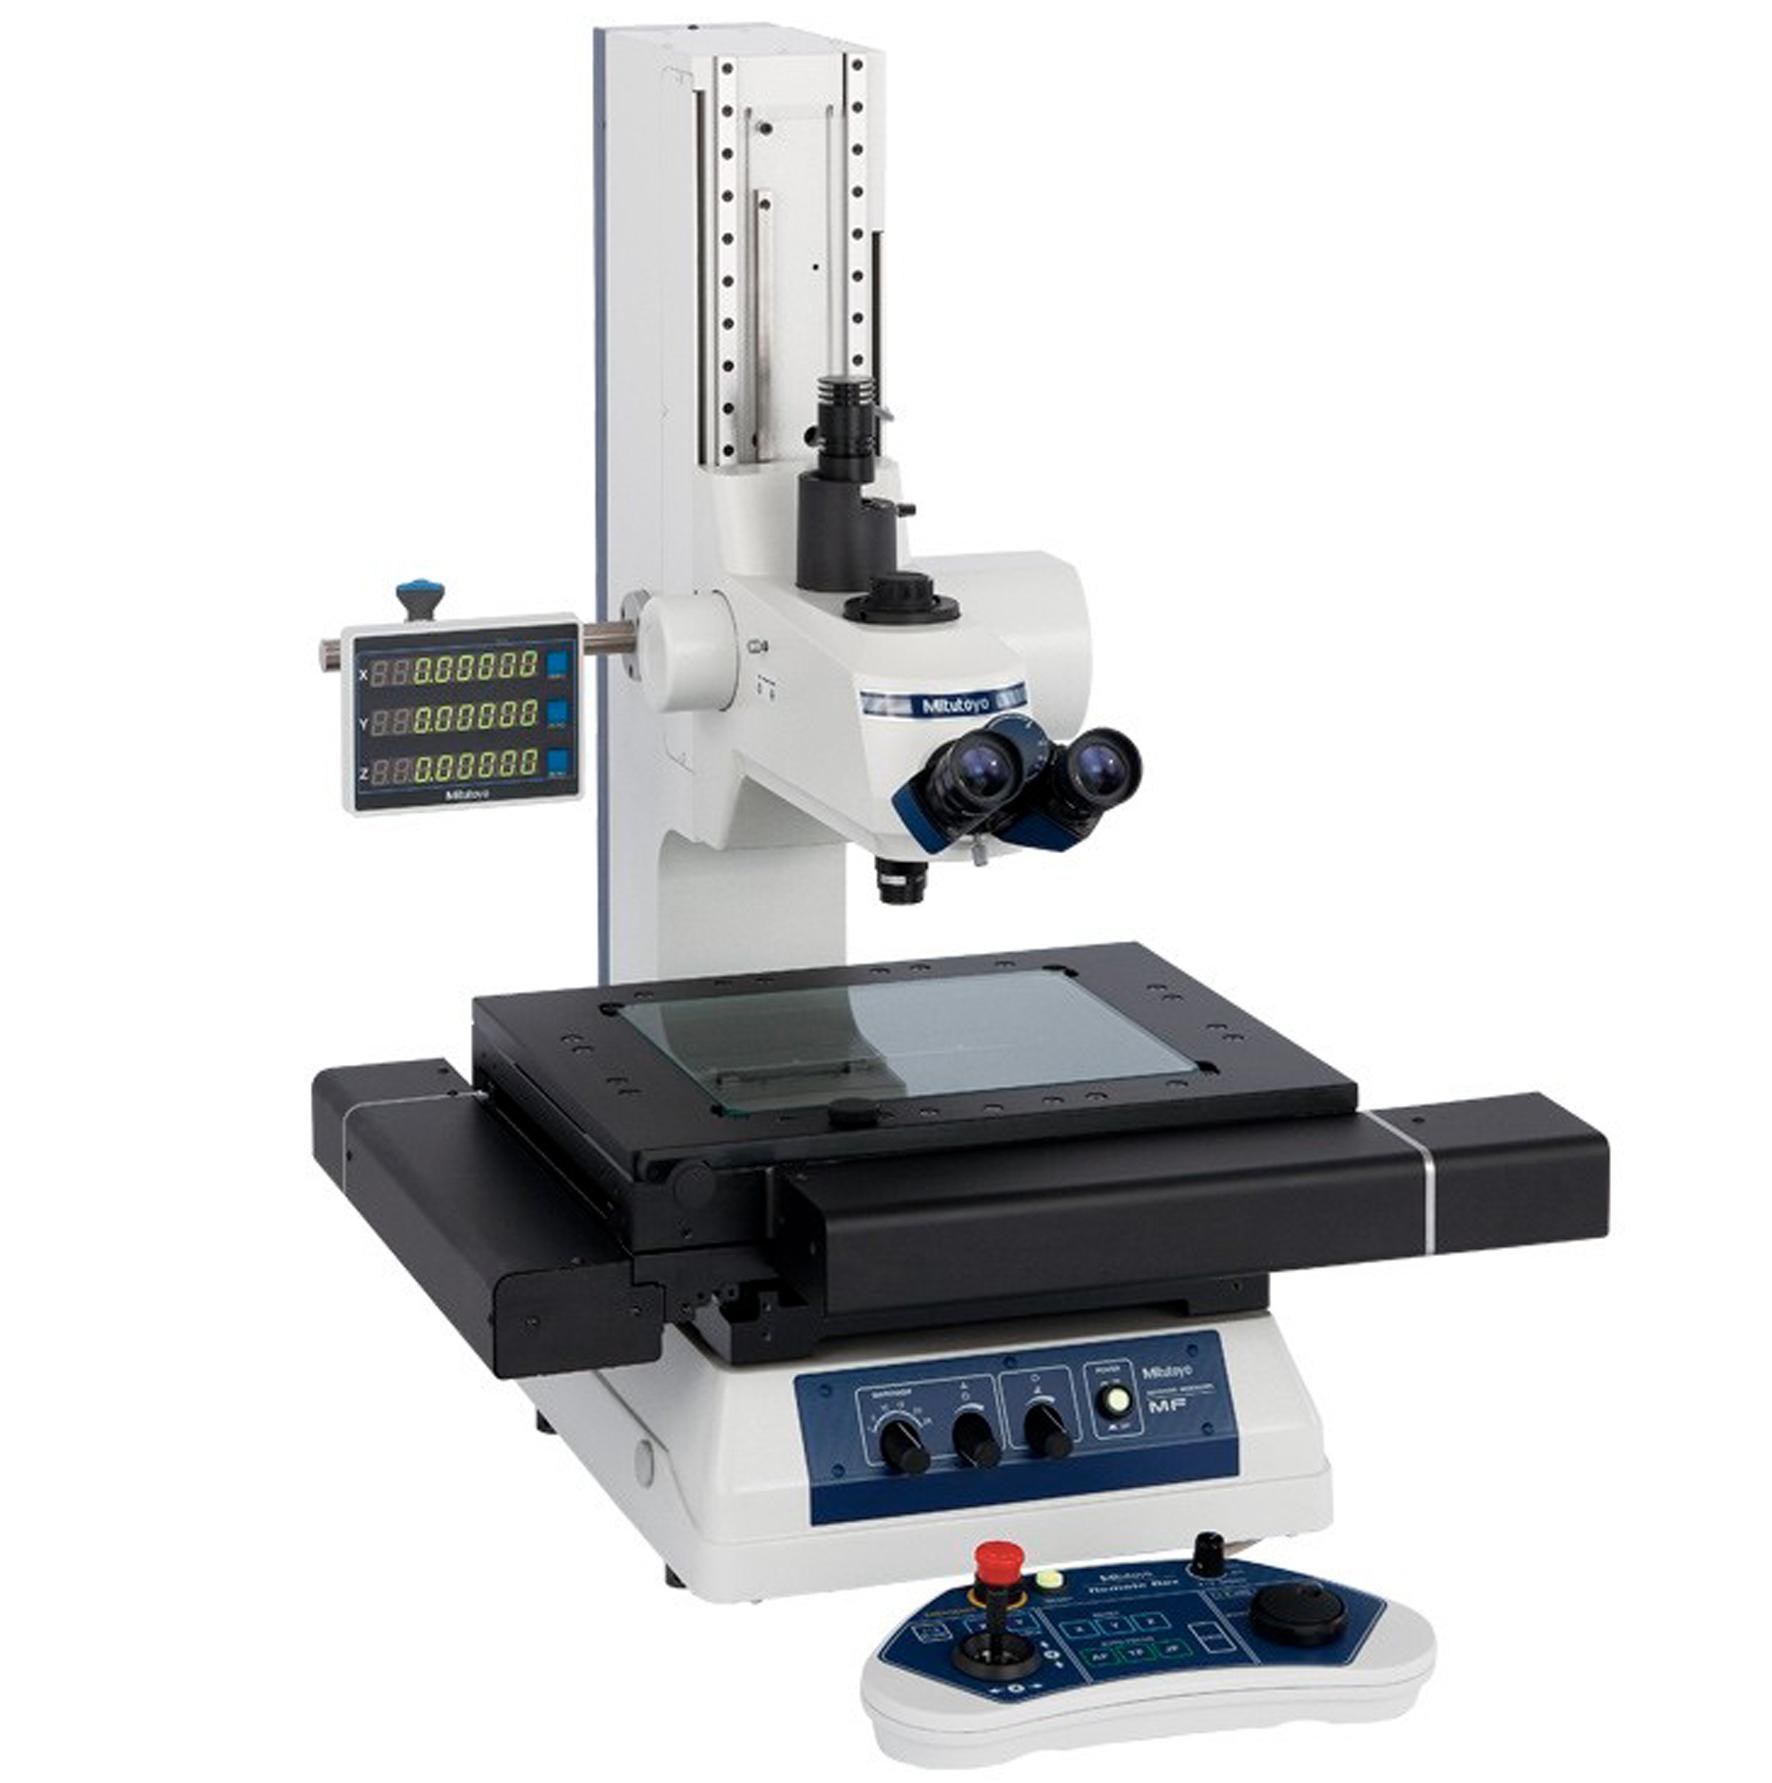 Microscopio de Medición motorizado MF (Tipo Motorizado) (MF-G2017D, MF-G3017D,